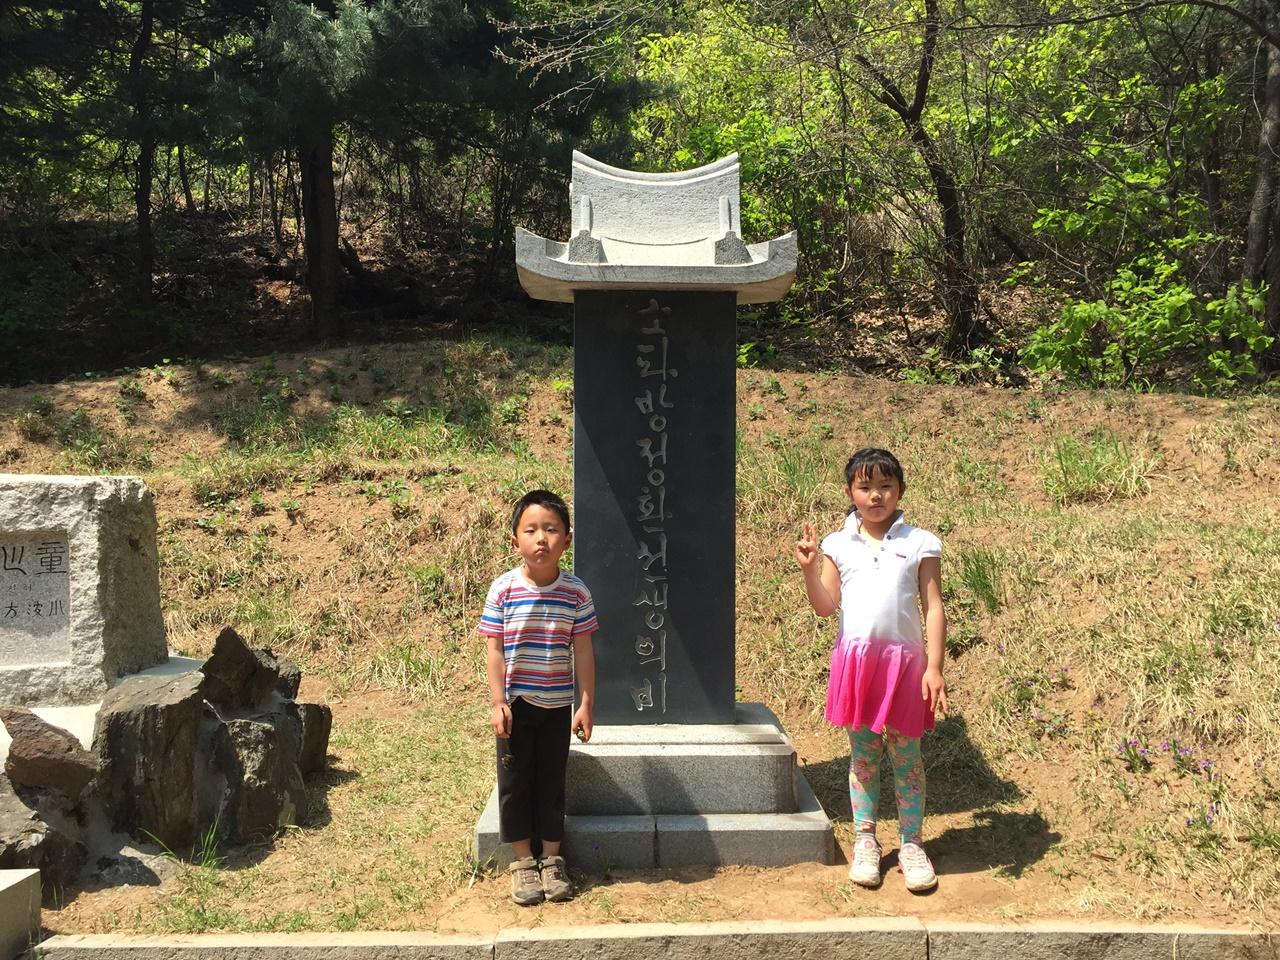 방정환 선생 묘소 구리 망우산